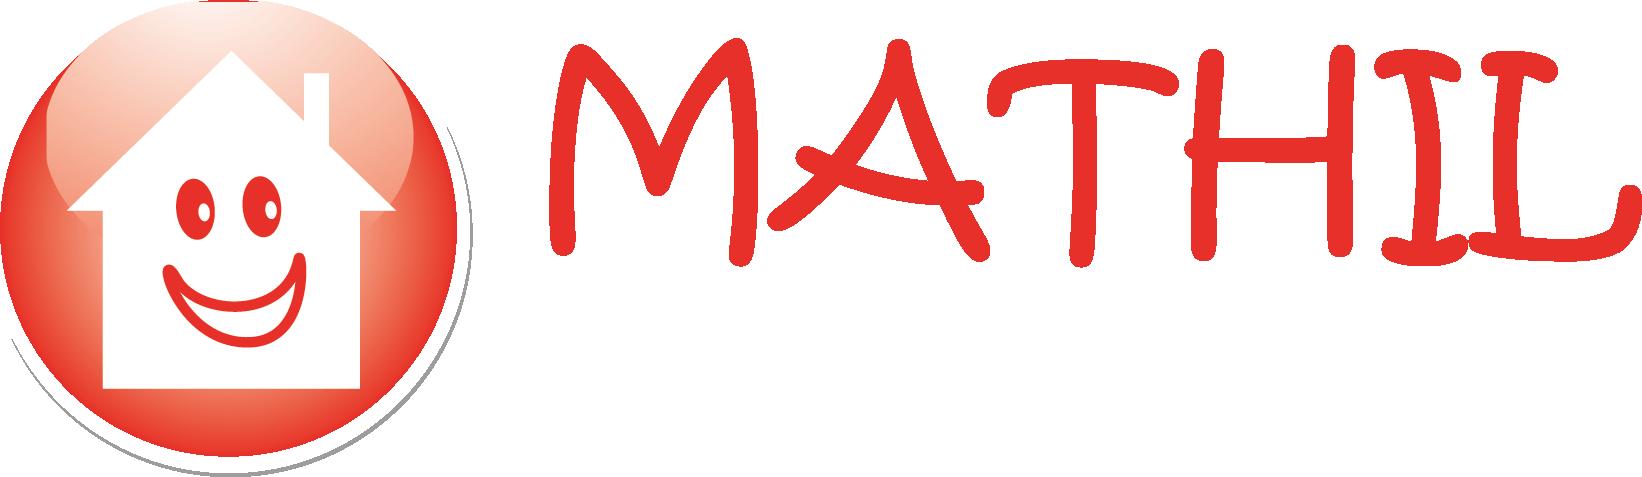 Kinderopvang Mathil - Kinderdagverblijf, gastouderopvang, buitenschoolse opvang en peuteropvang